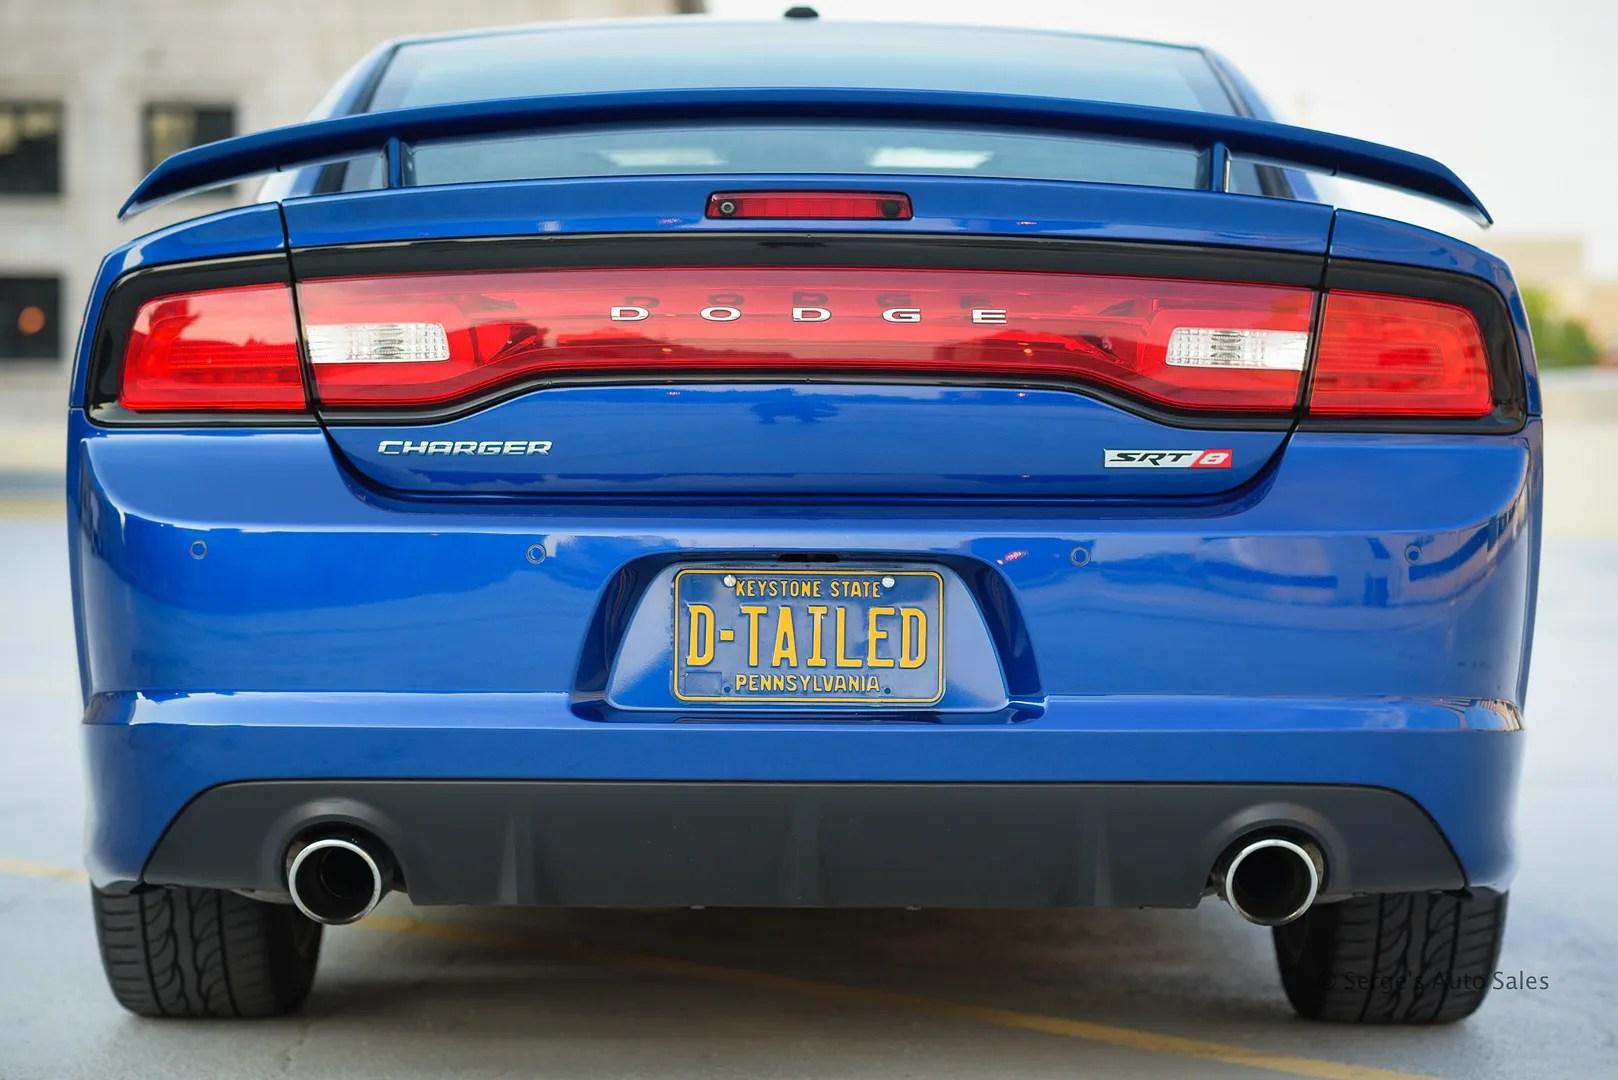 photo charger-serges-auto-sales-northeast-pa-2012-srt8--19_zps7ygflm8d.jpg